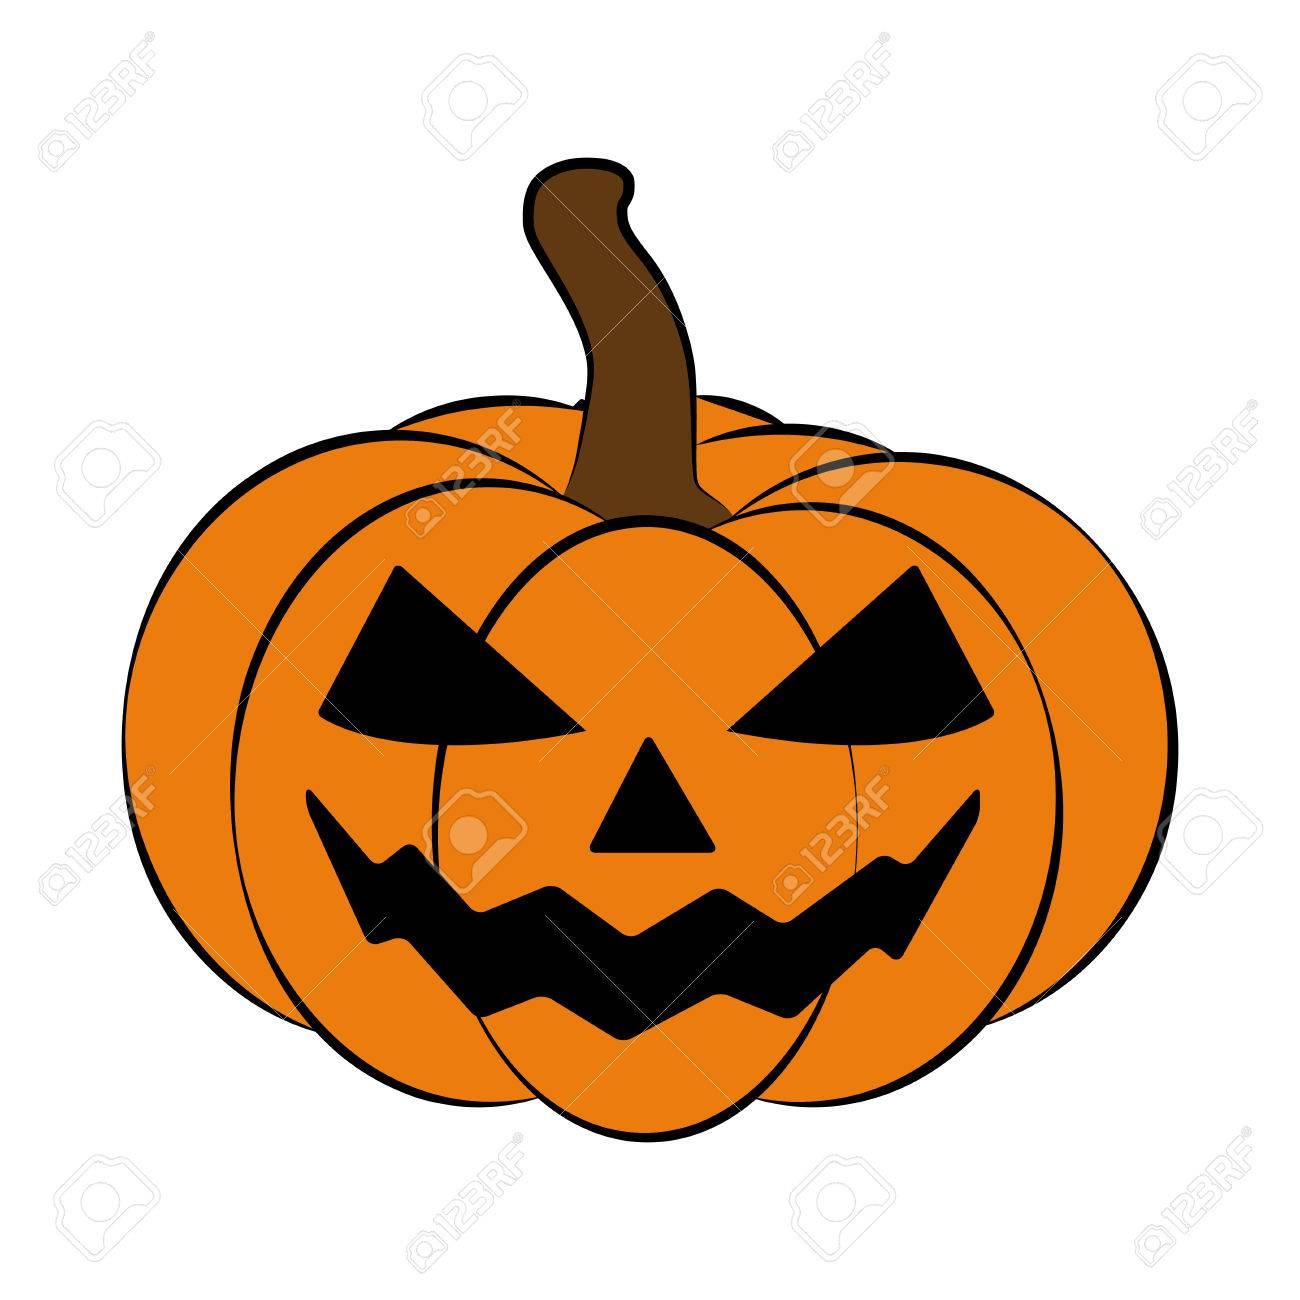 De Halloween Ilustracion Vectorial De Calabaza Jack O Lantern - Calabaza-hallowen